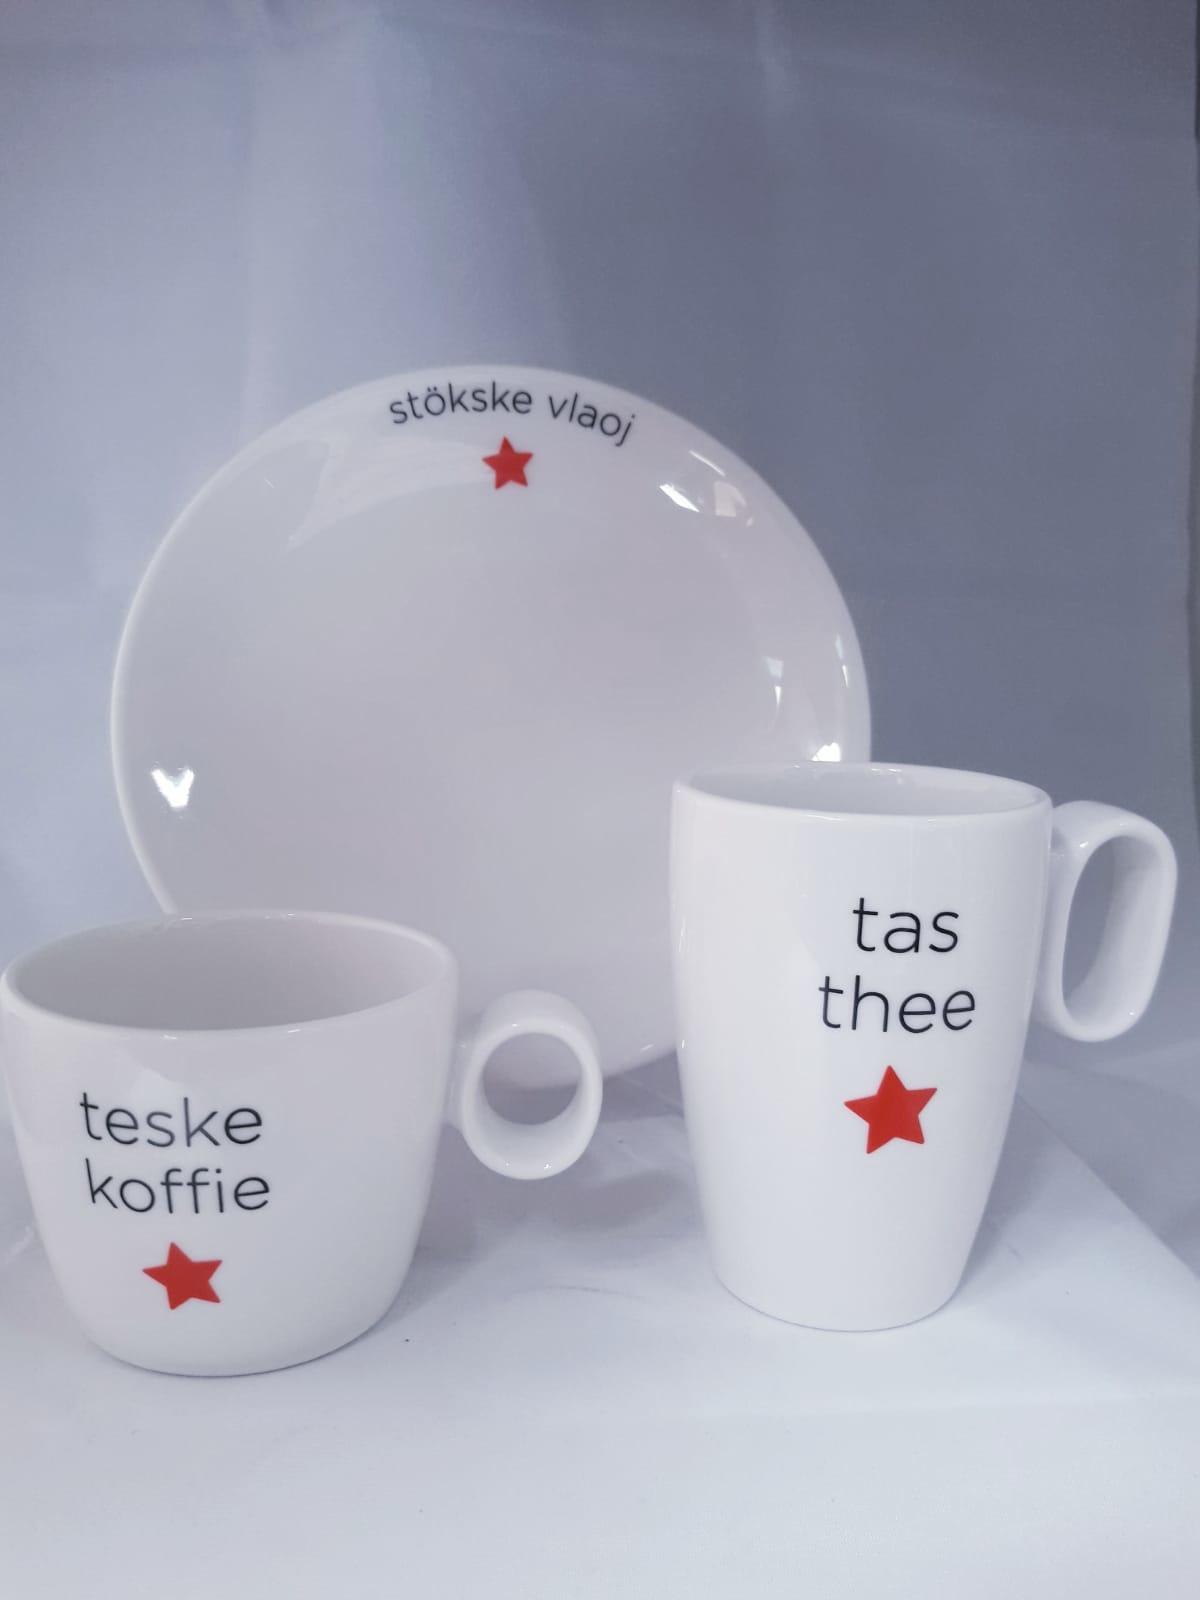 Maastricht Porselein Teske Koffie Beker Maastricht Porselein Lux 23cl